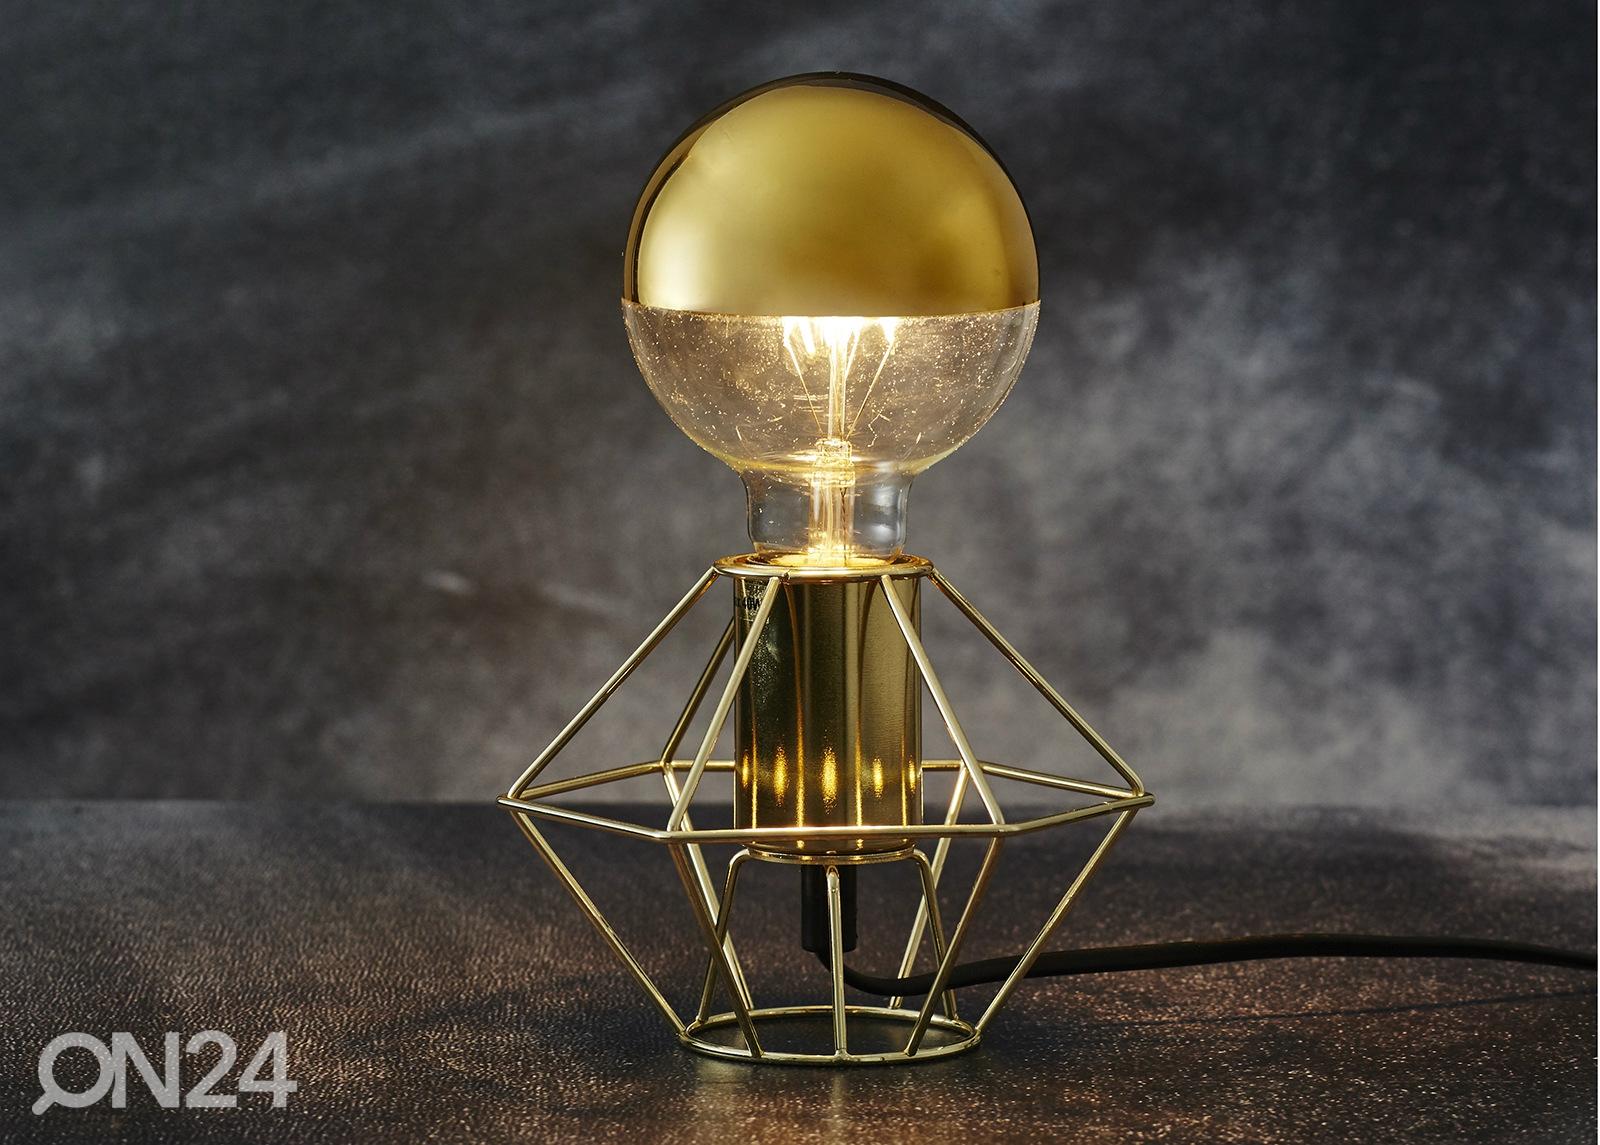 68901585172 Dekoratiivne LED pirn E27 4 W AA-152806 - ON24 Sisustuskaubamaja